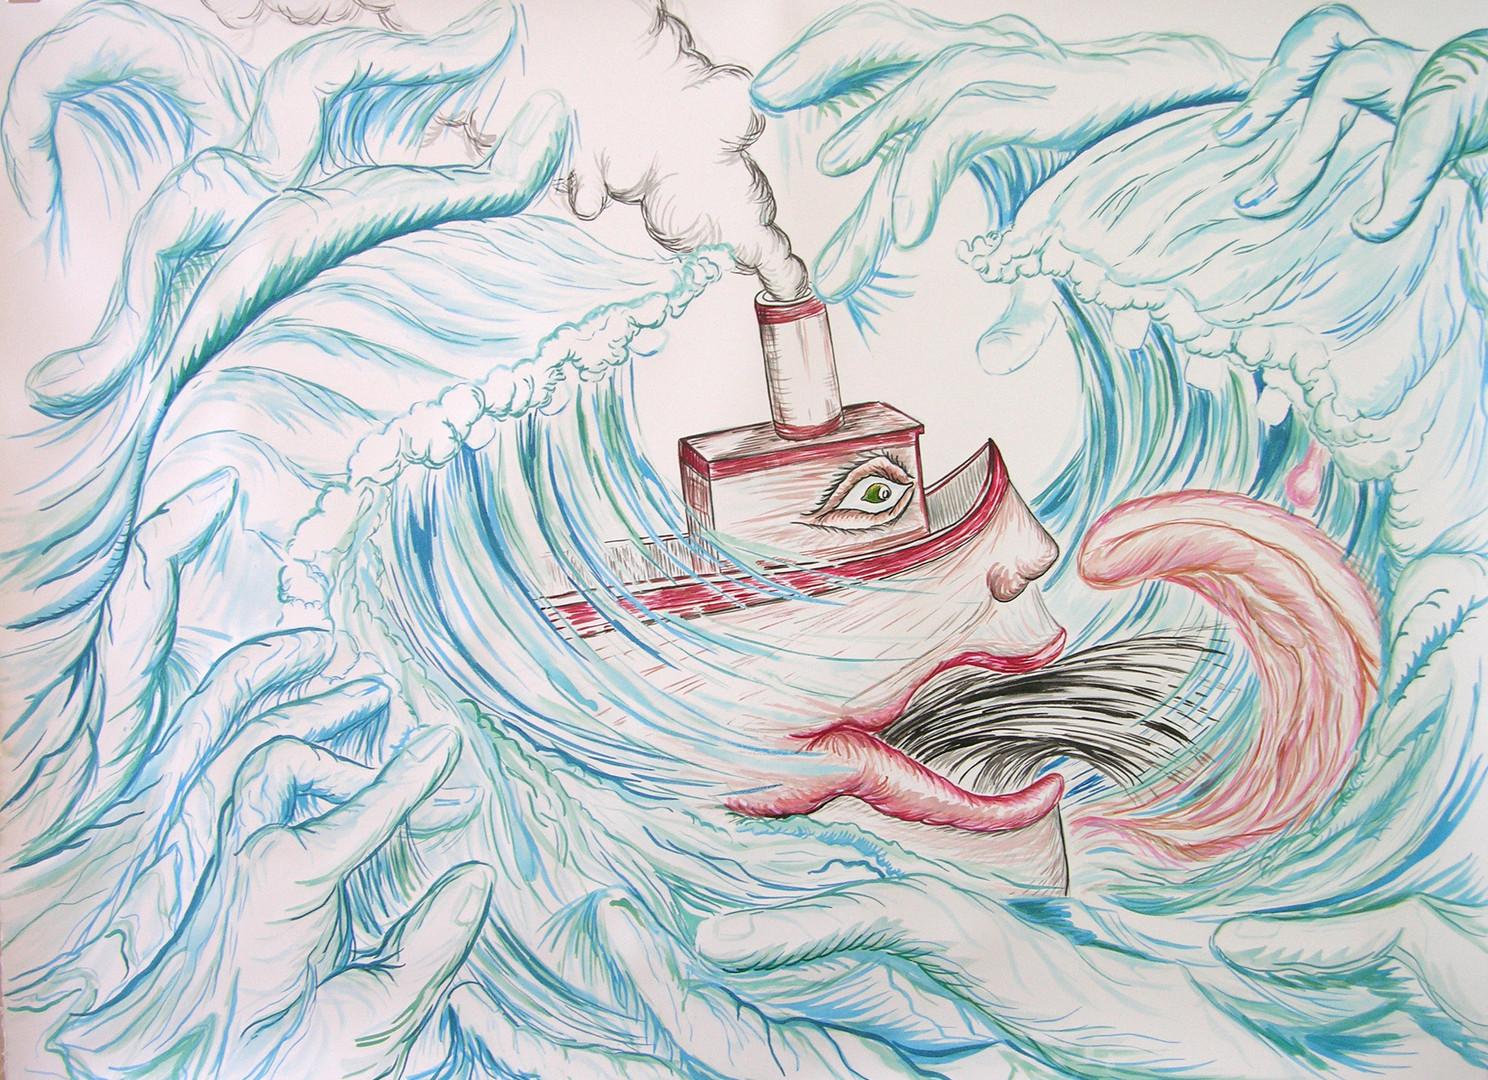 Le naufrage